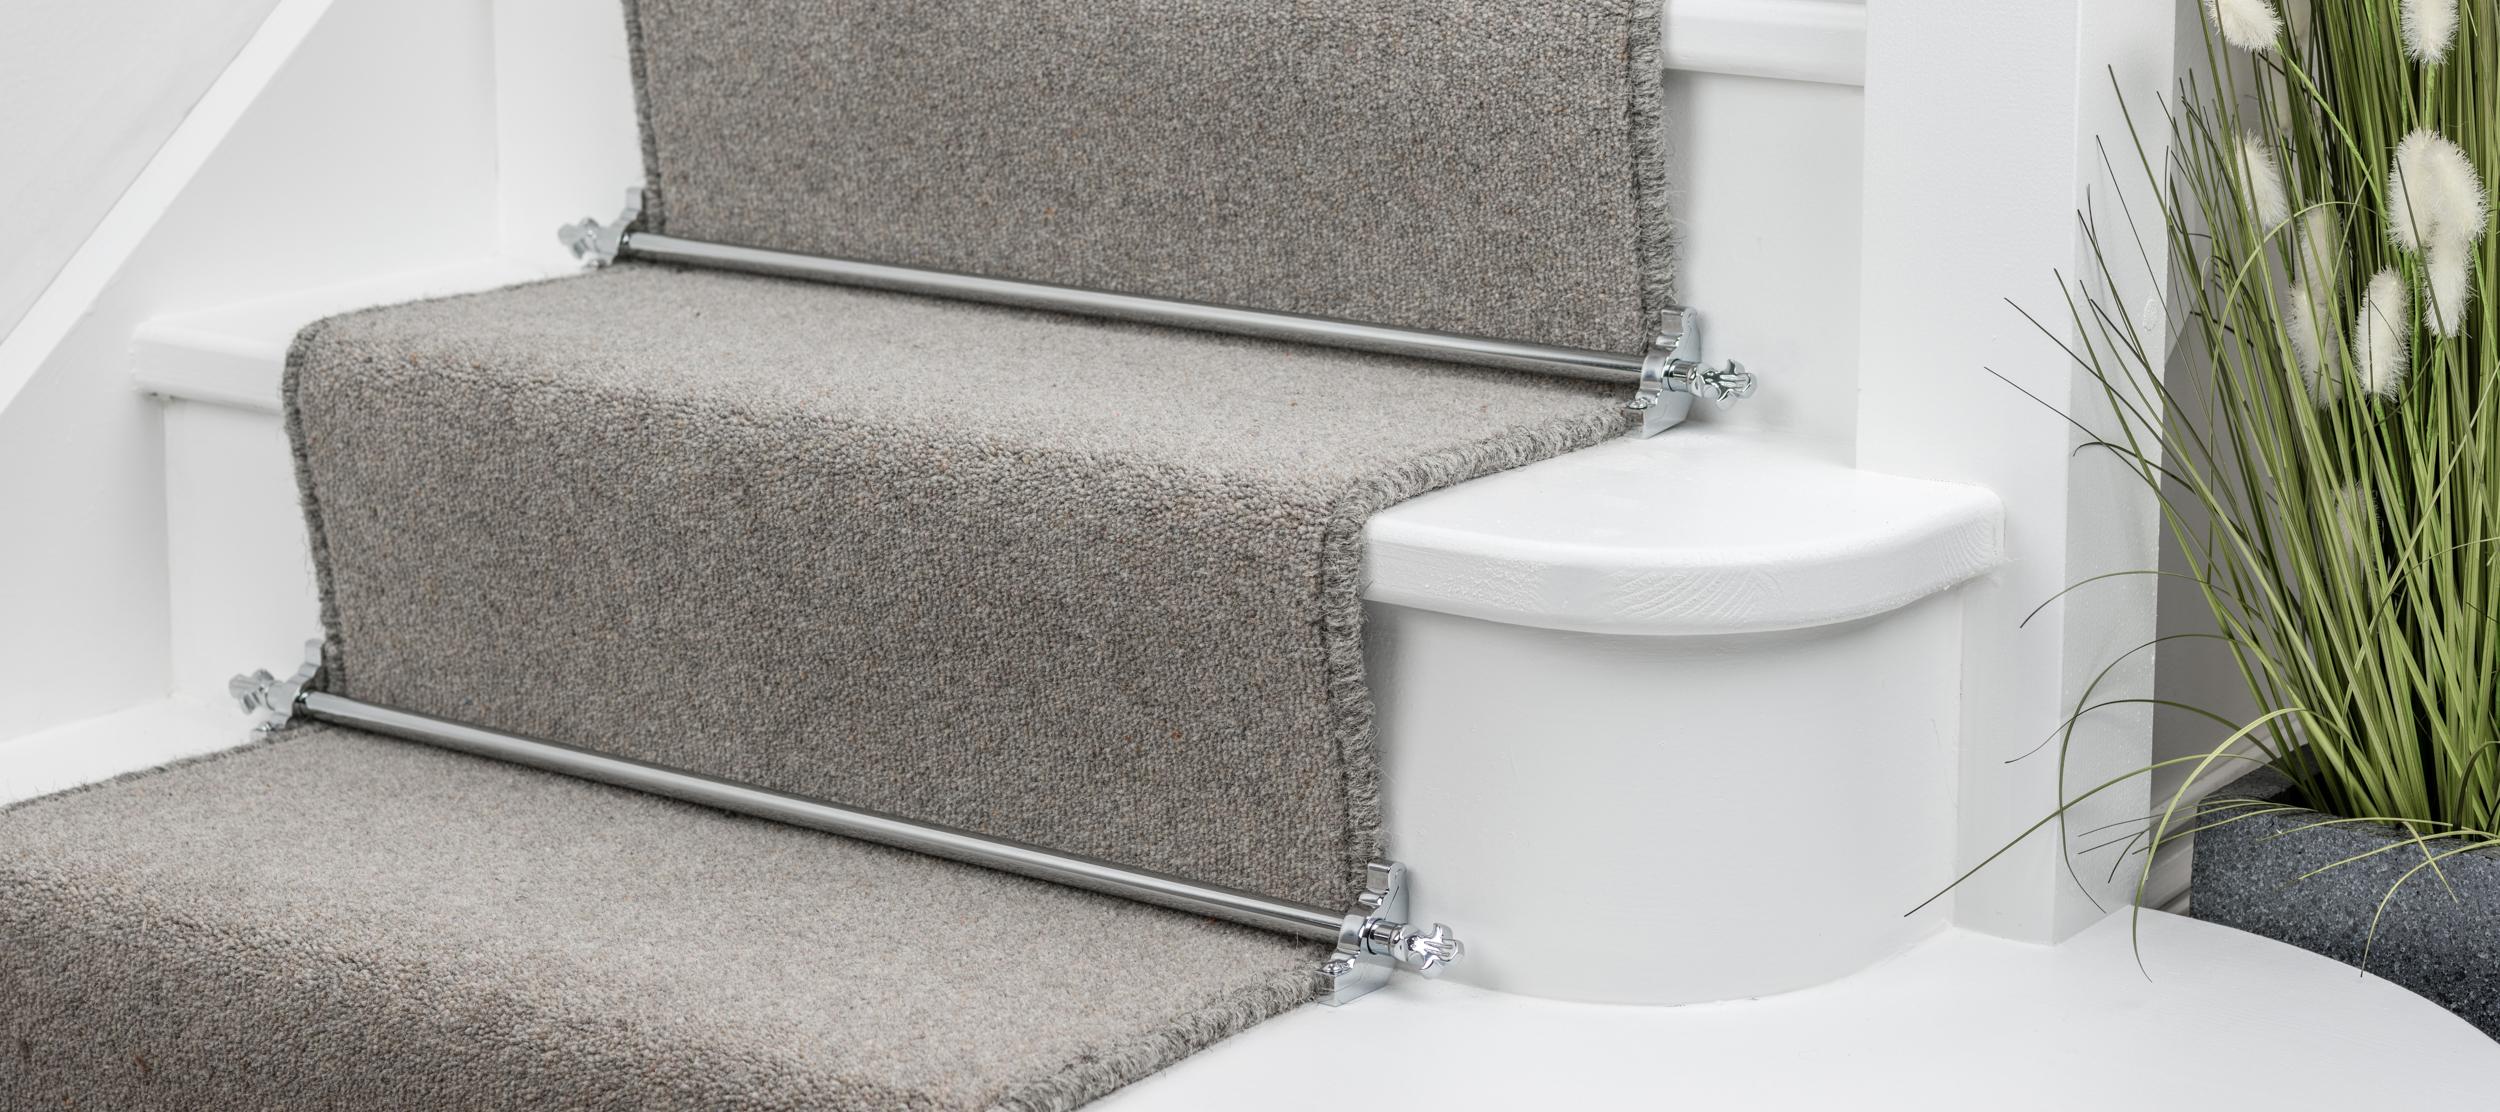 stairrods-chrome-plain-bordeaux.jpg